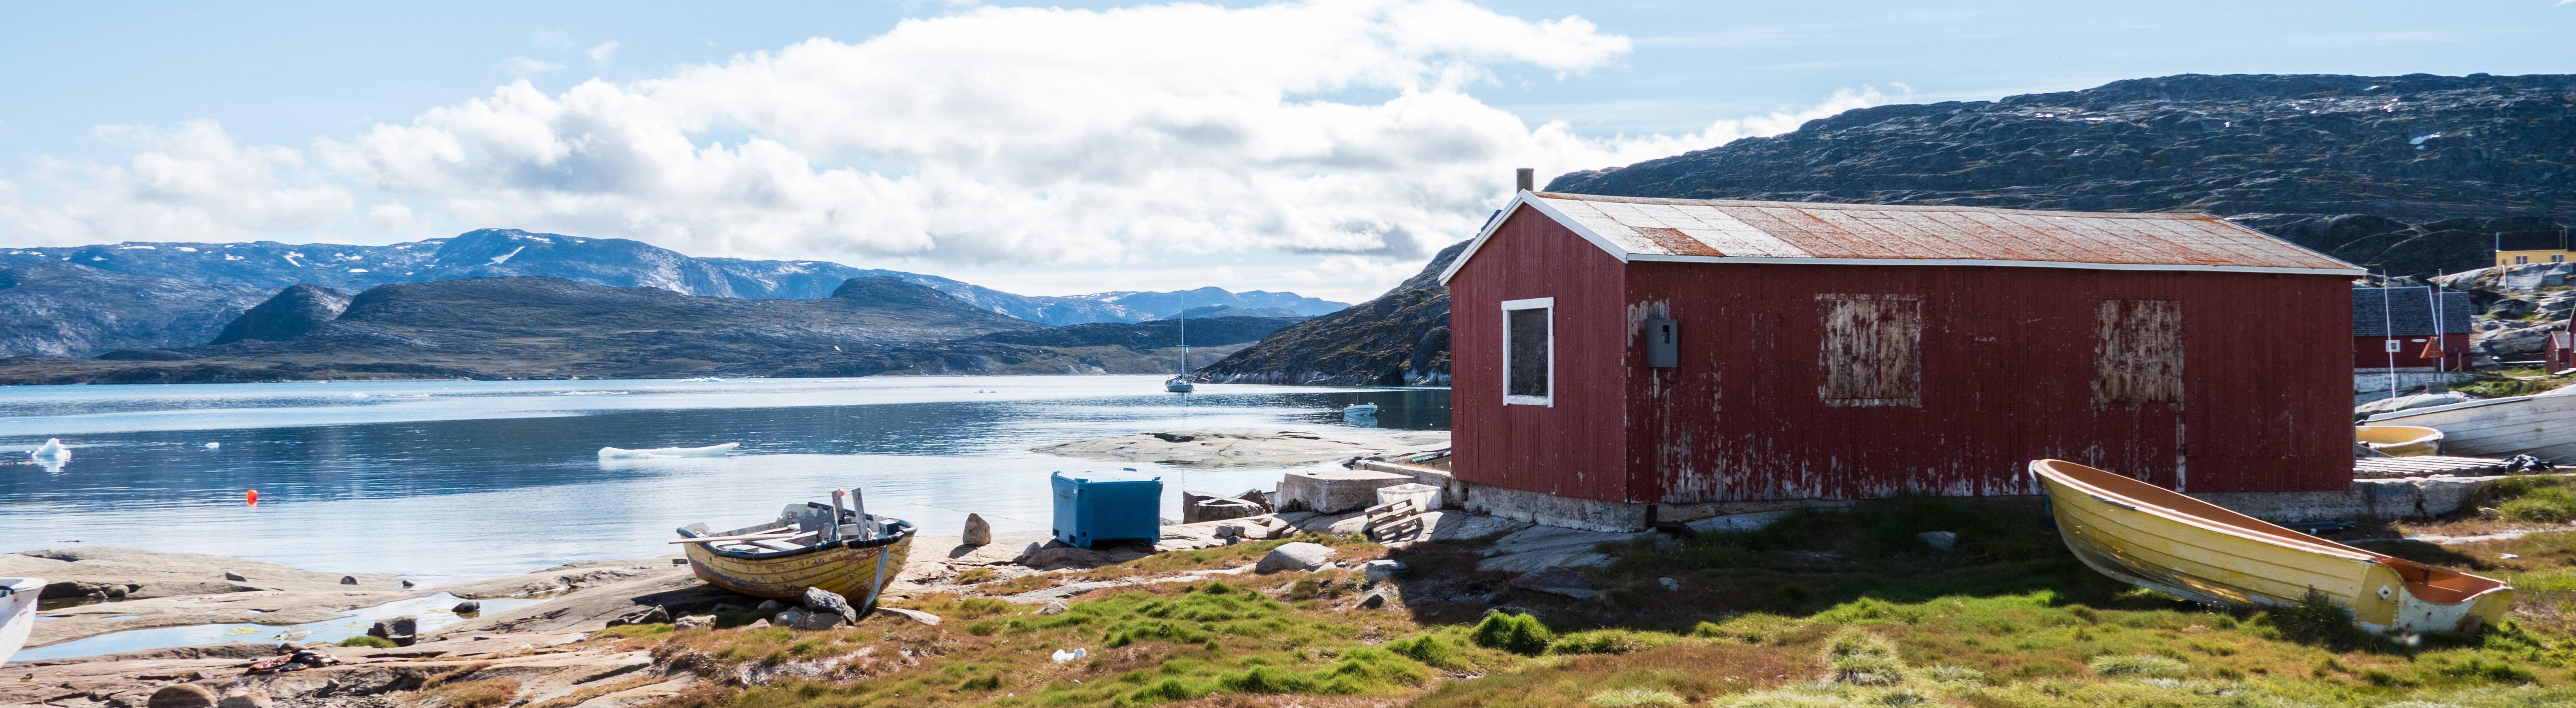 Grönland im Sommer